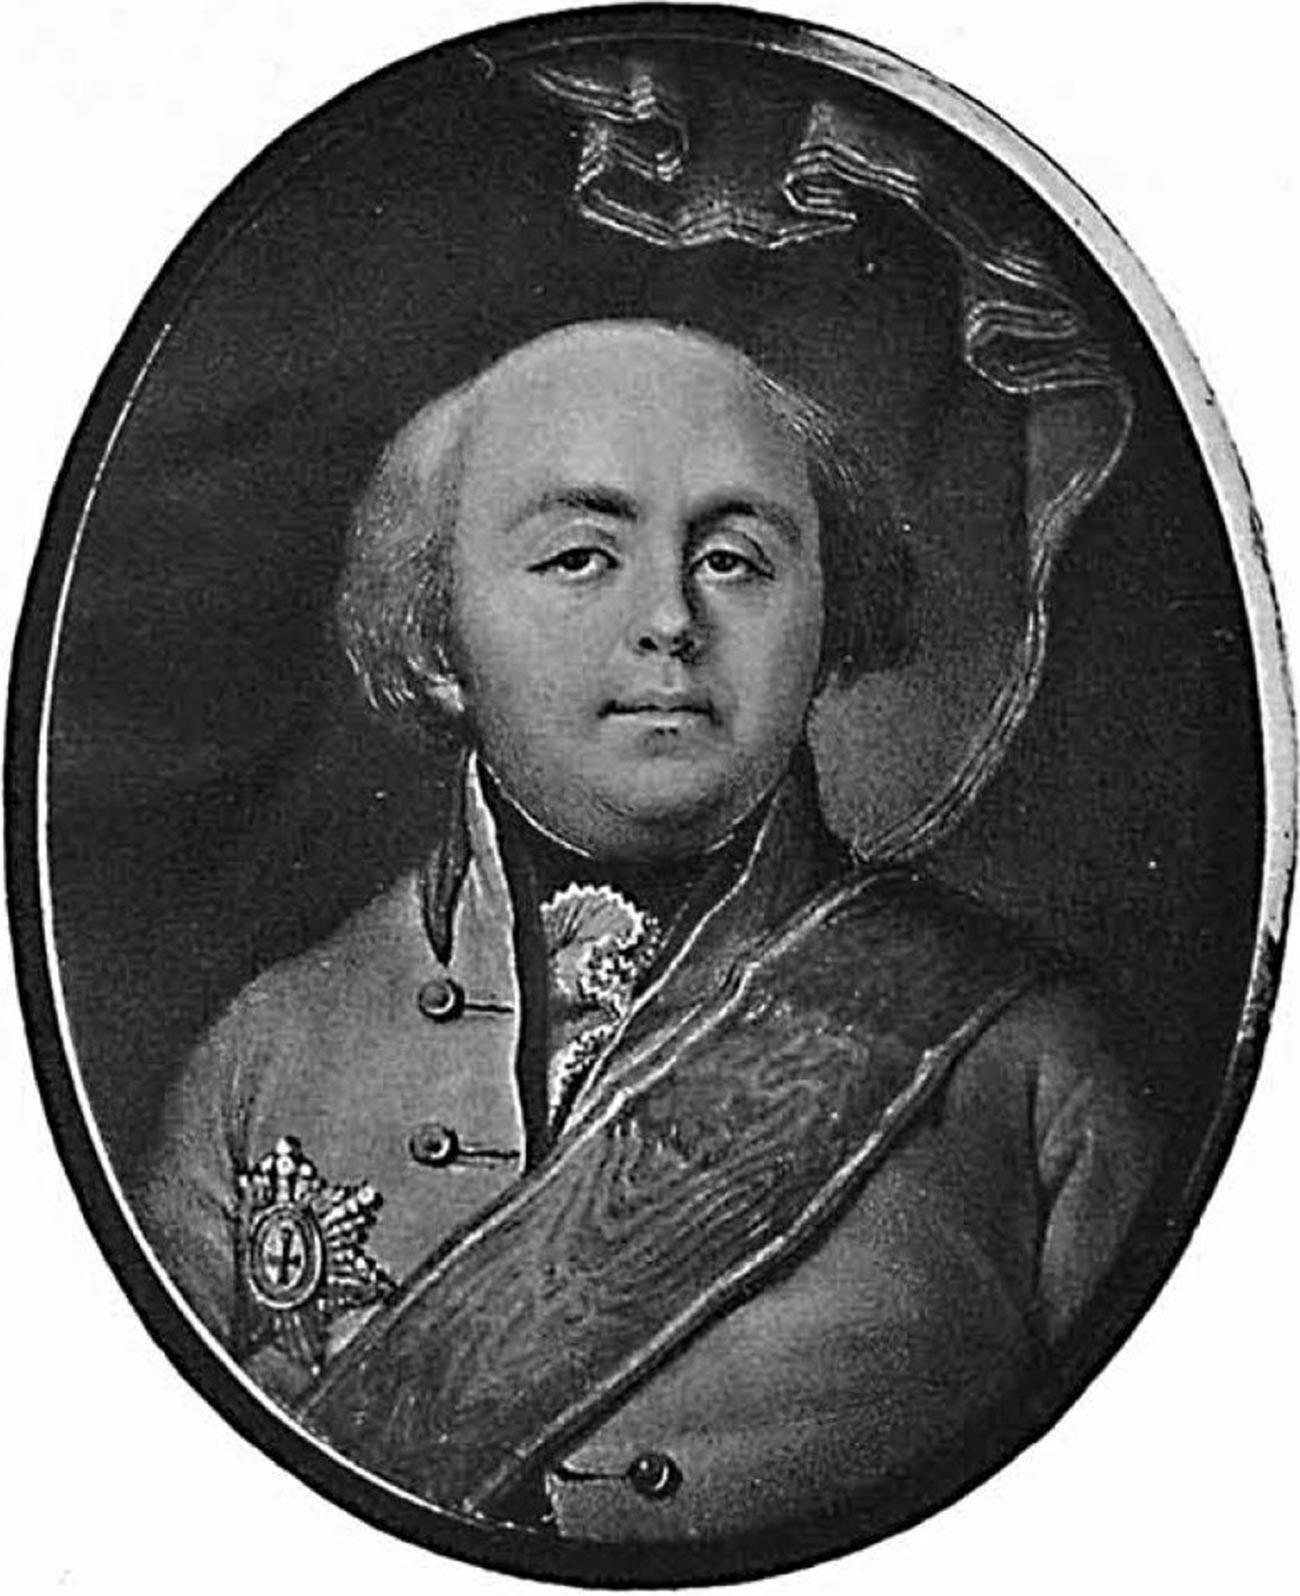 Knez Aleksej Grigorjevič Bobrinski